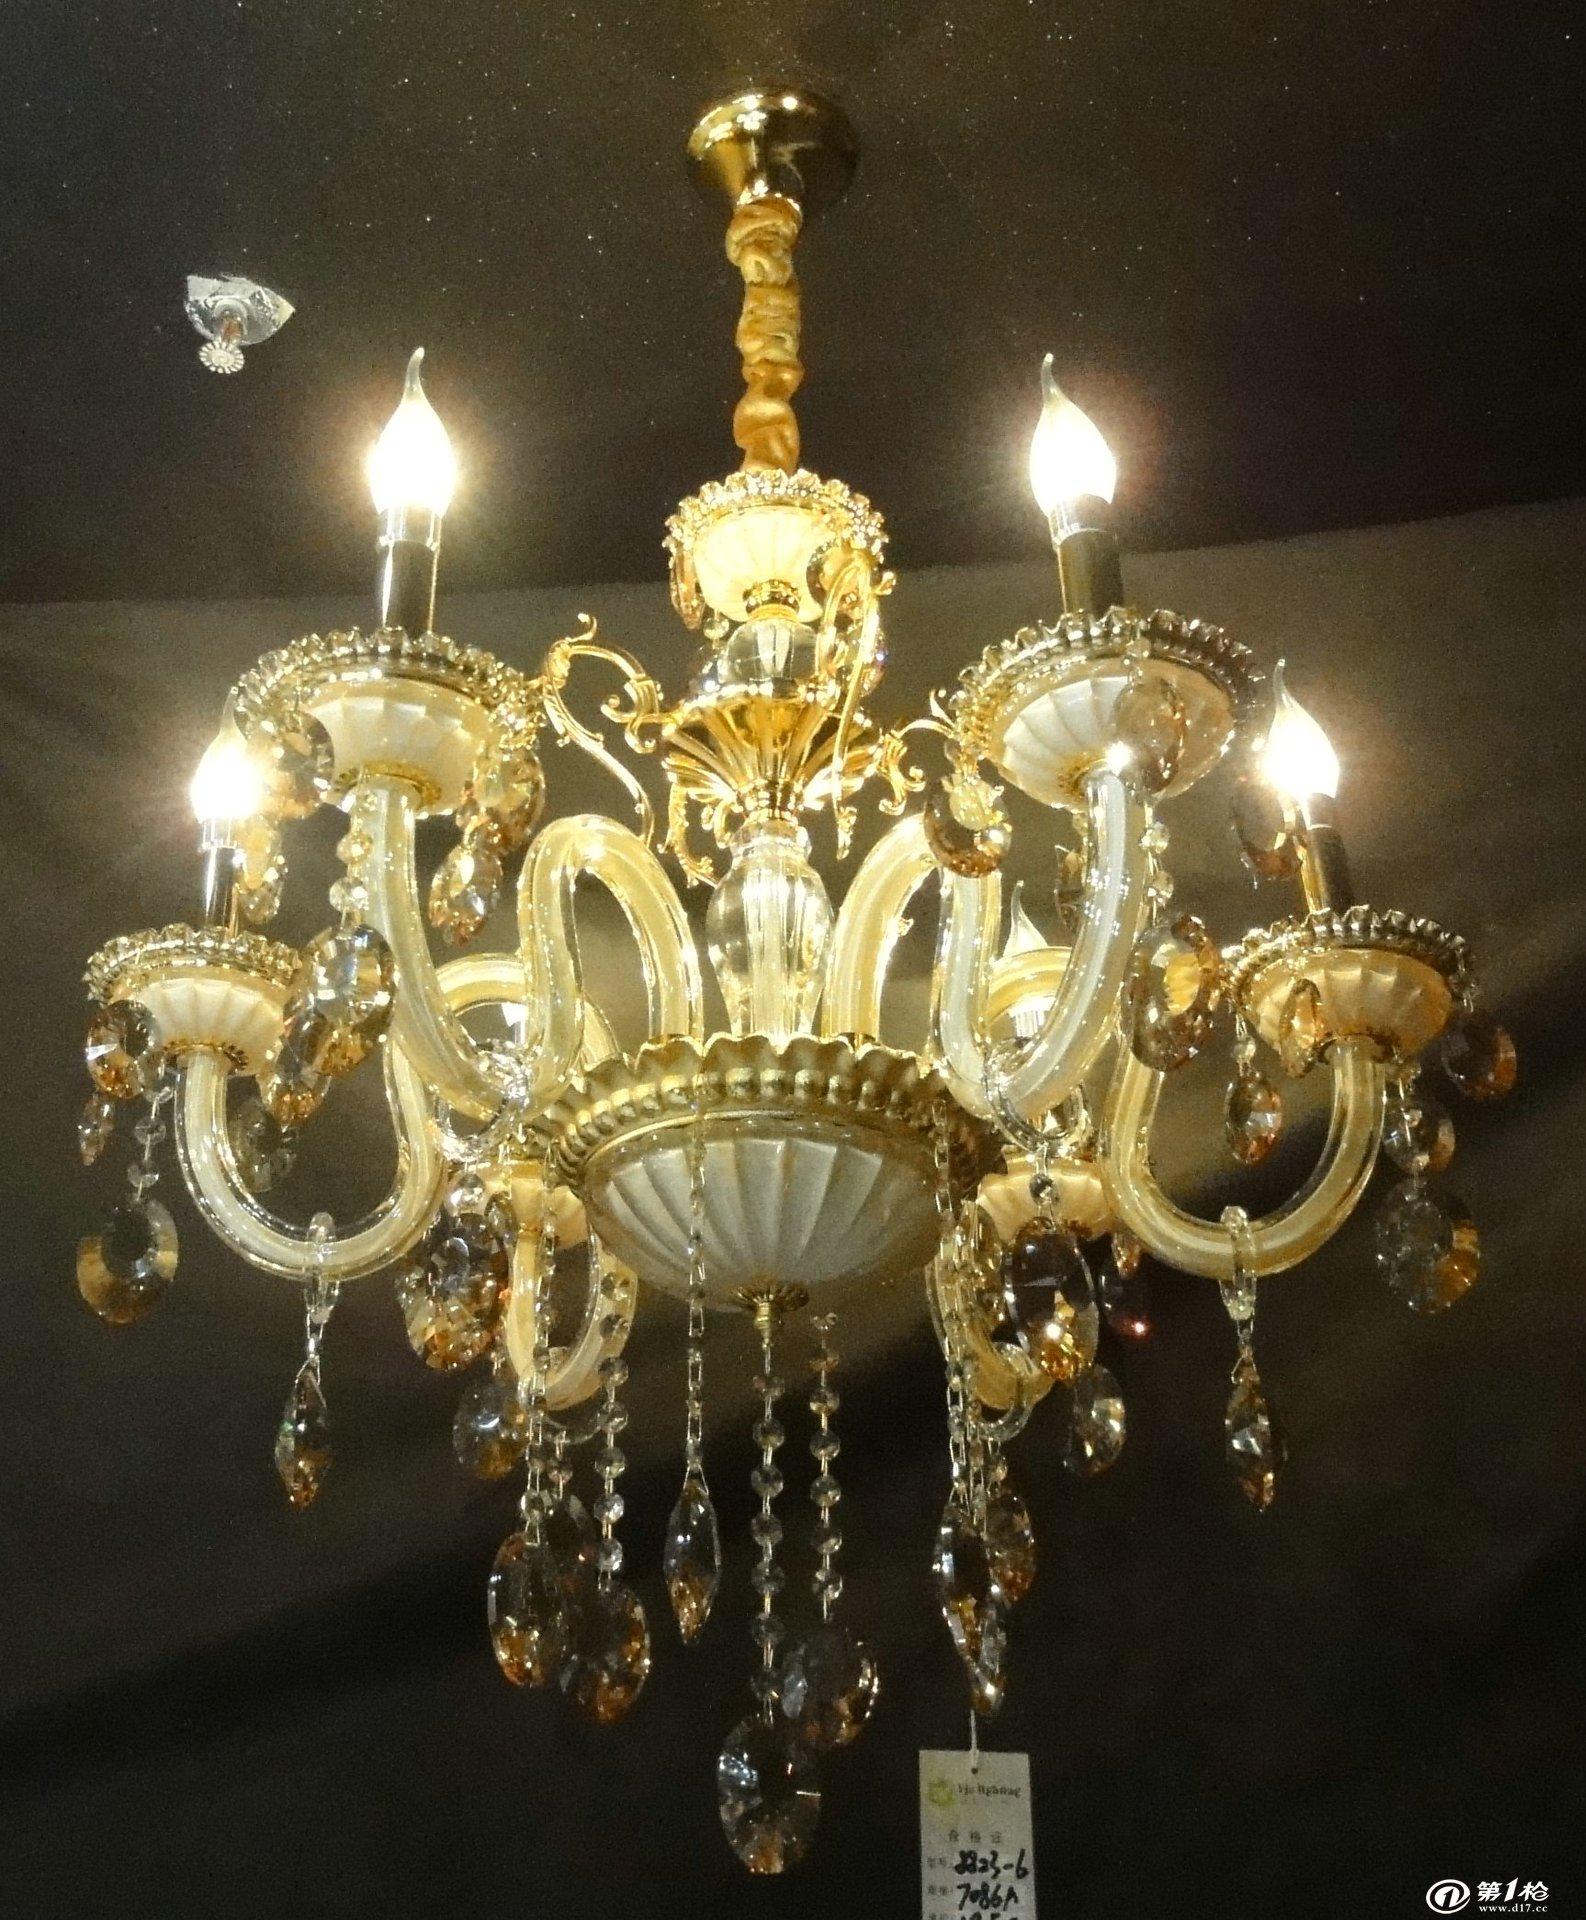 批发蜡烛水晶灯6头k9高档香槟金时尚水晶欧式吊灯